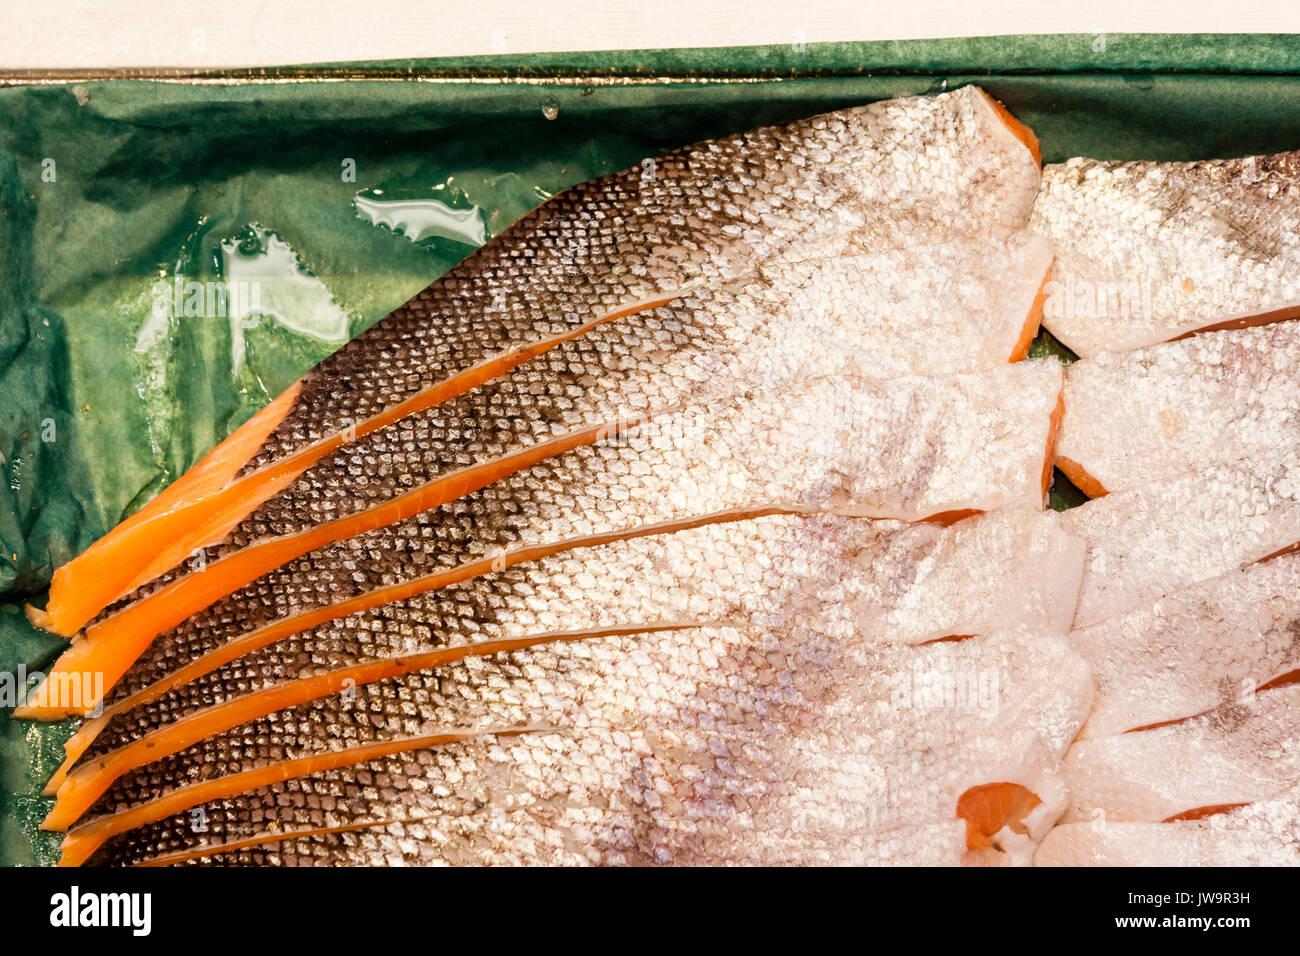 Japan, Kanazawa. Omi-cho frische Lebensmittel Markthalle. Fische ausschneiden in Filets und festgelegt. Close Up. Stockbild